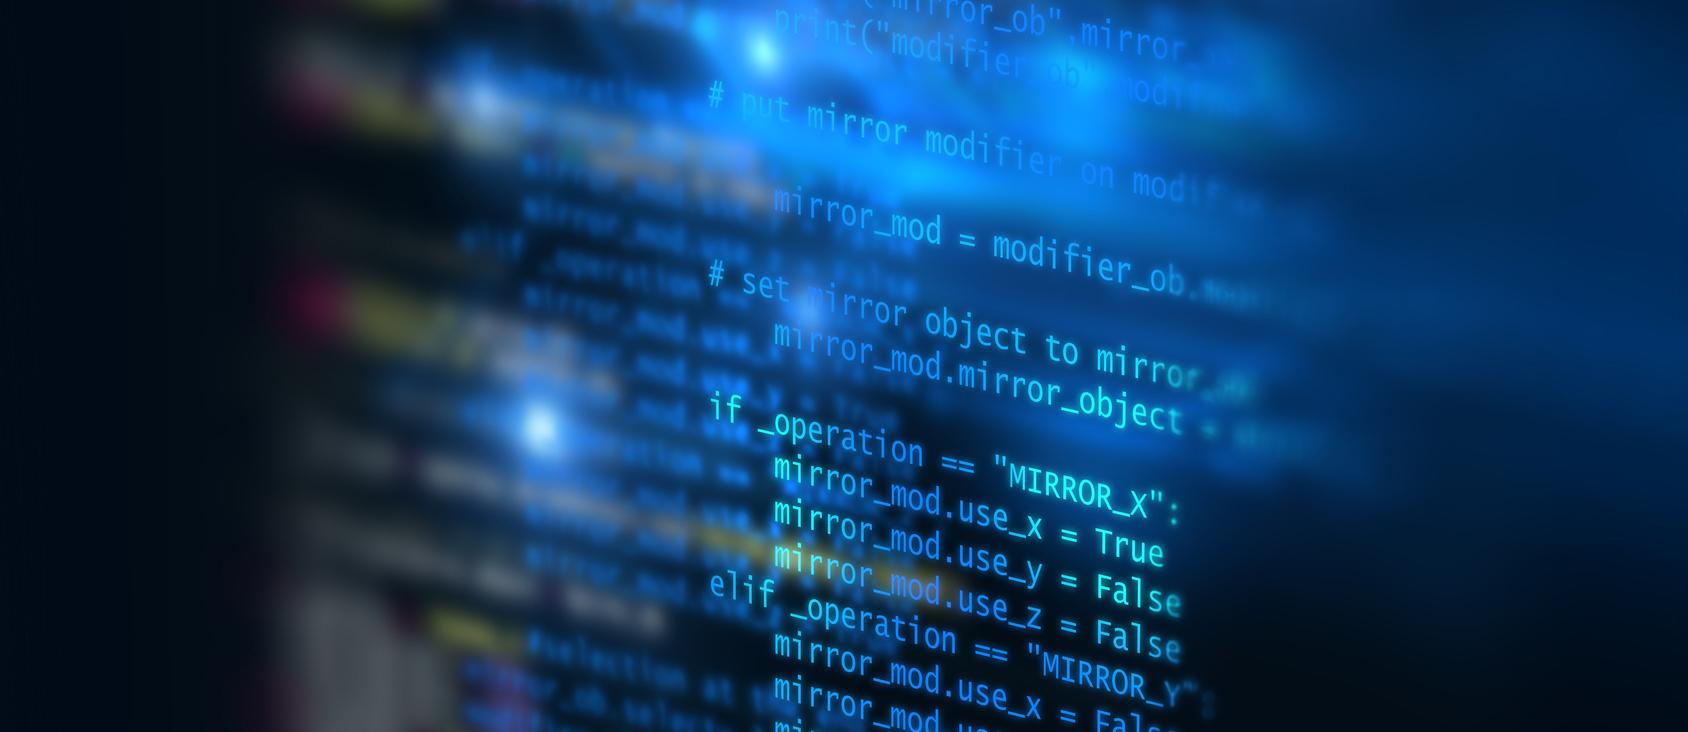 Sztuczna inteligencja pomaga nam w klasyfikacji dokumentów